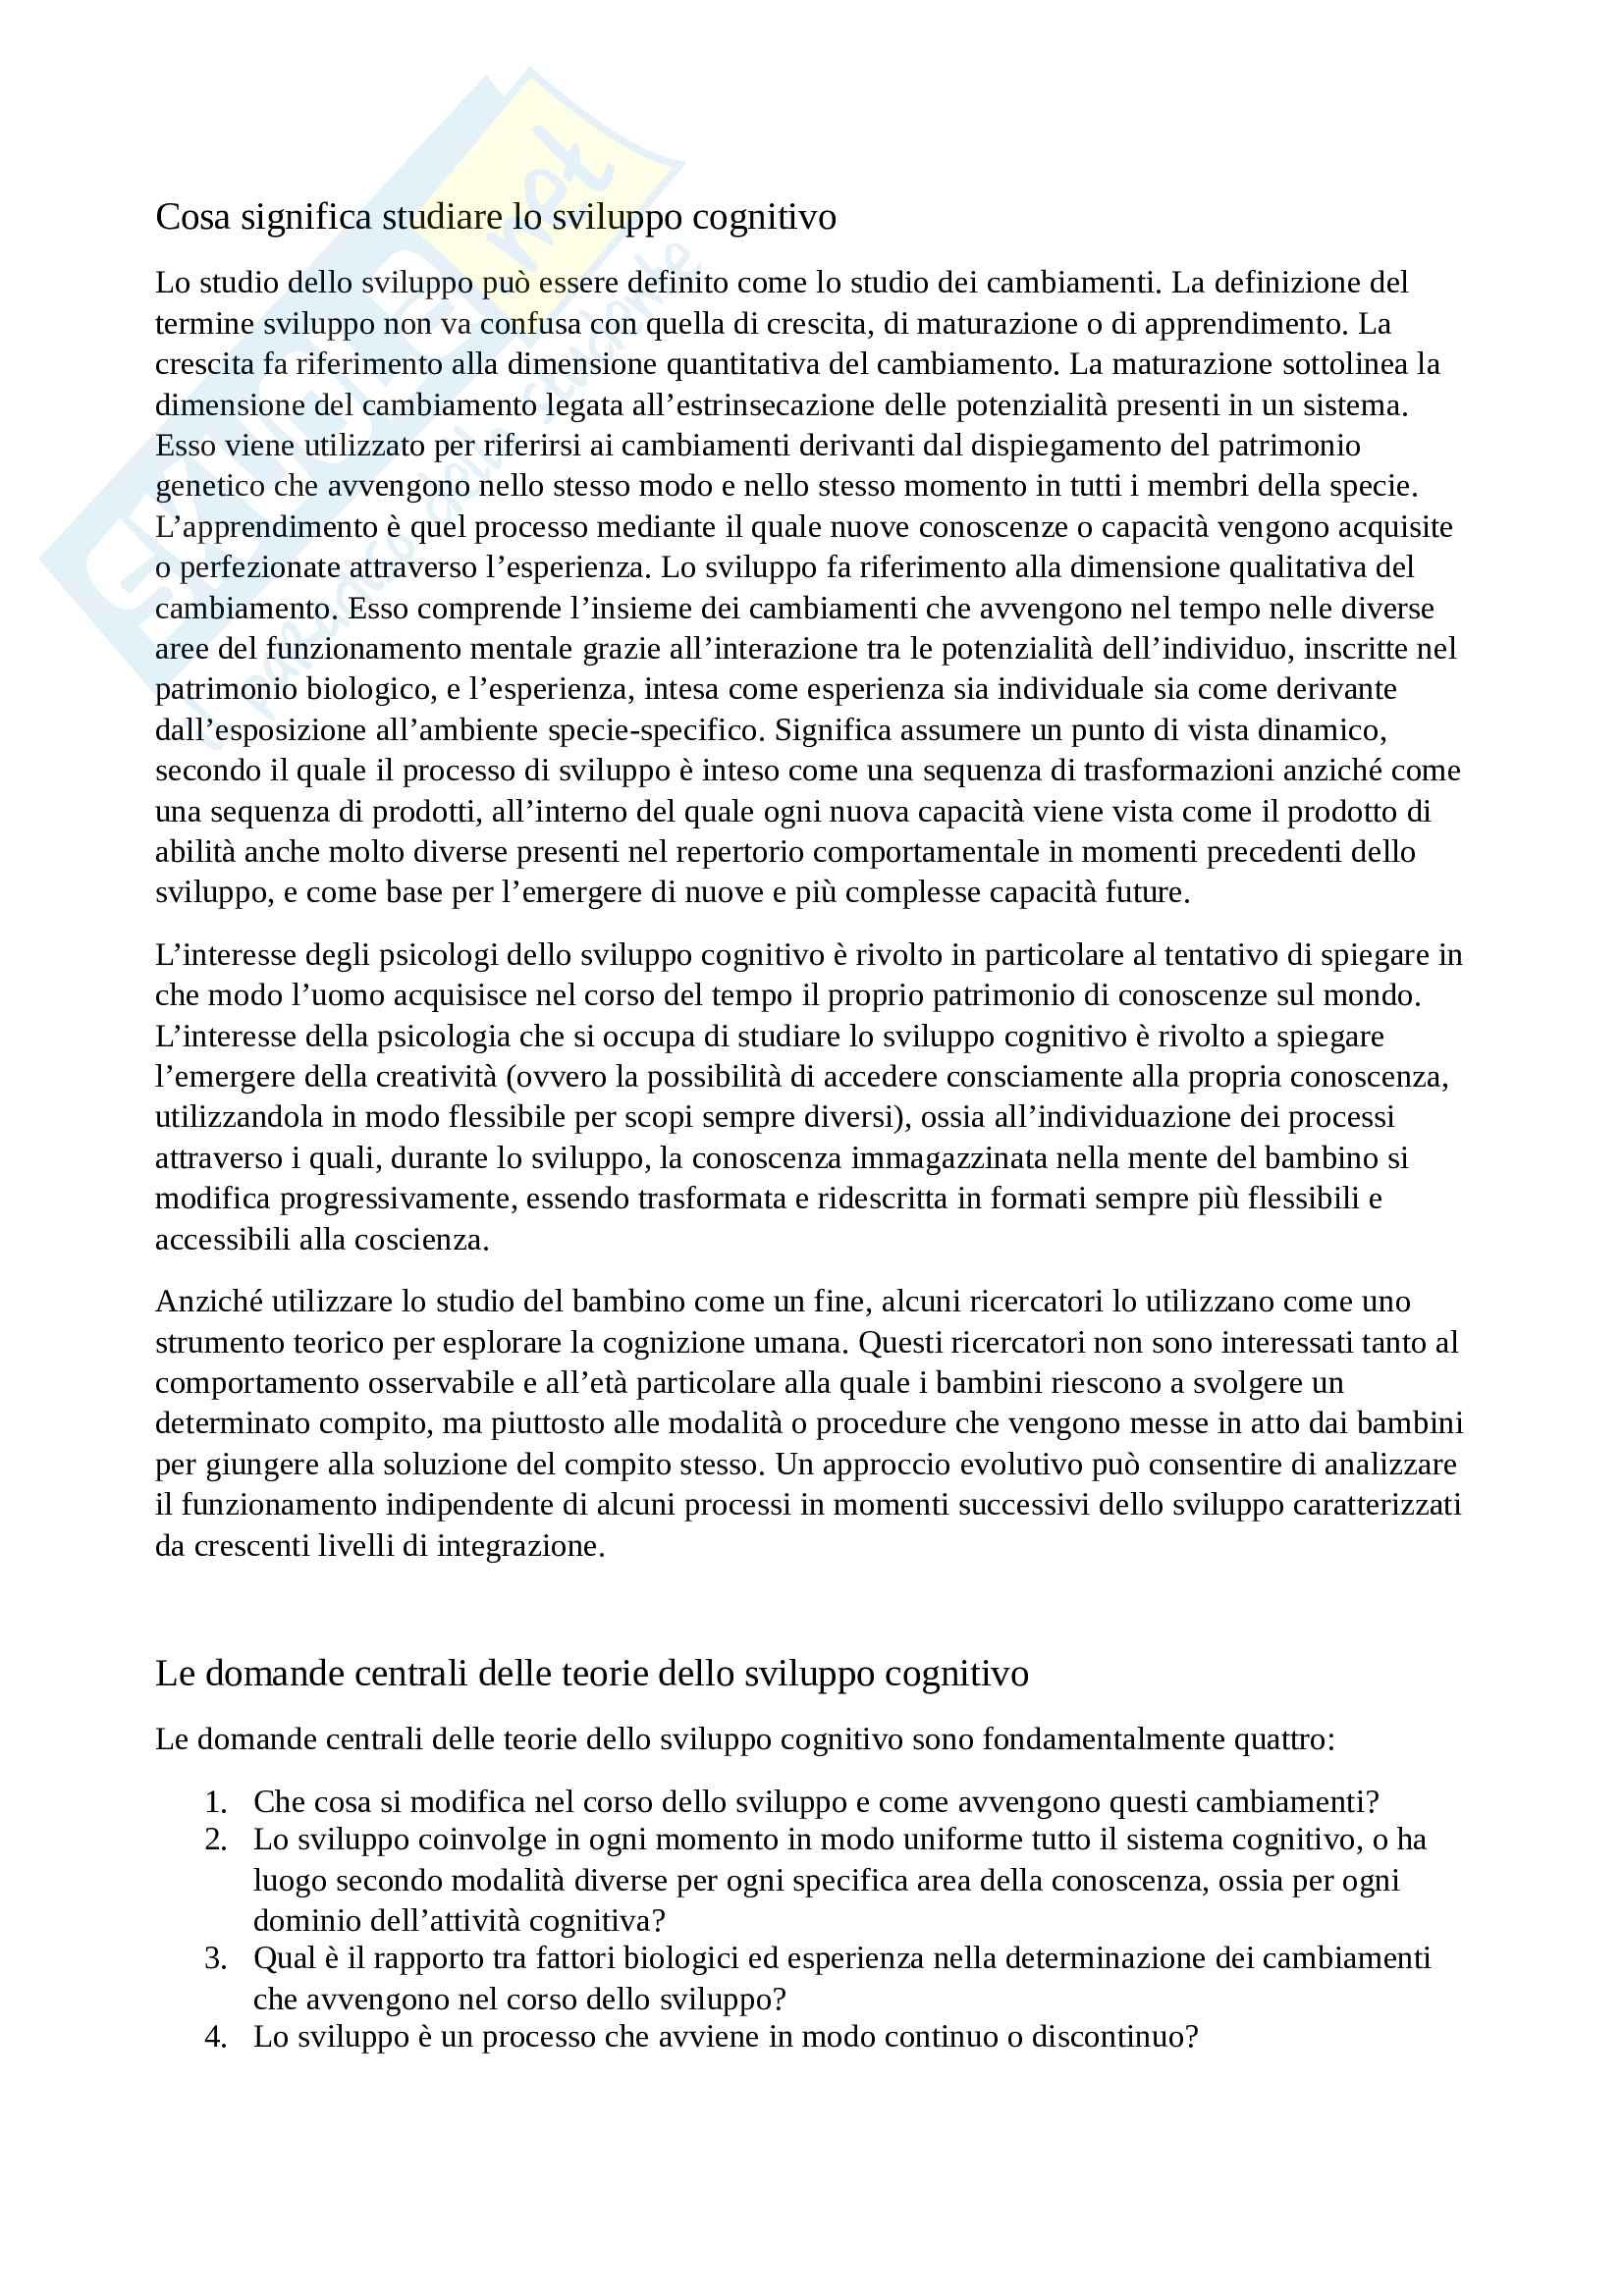 Psicologia dello sviluppo: le domande centrali delle teorie dello sviluppo